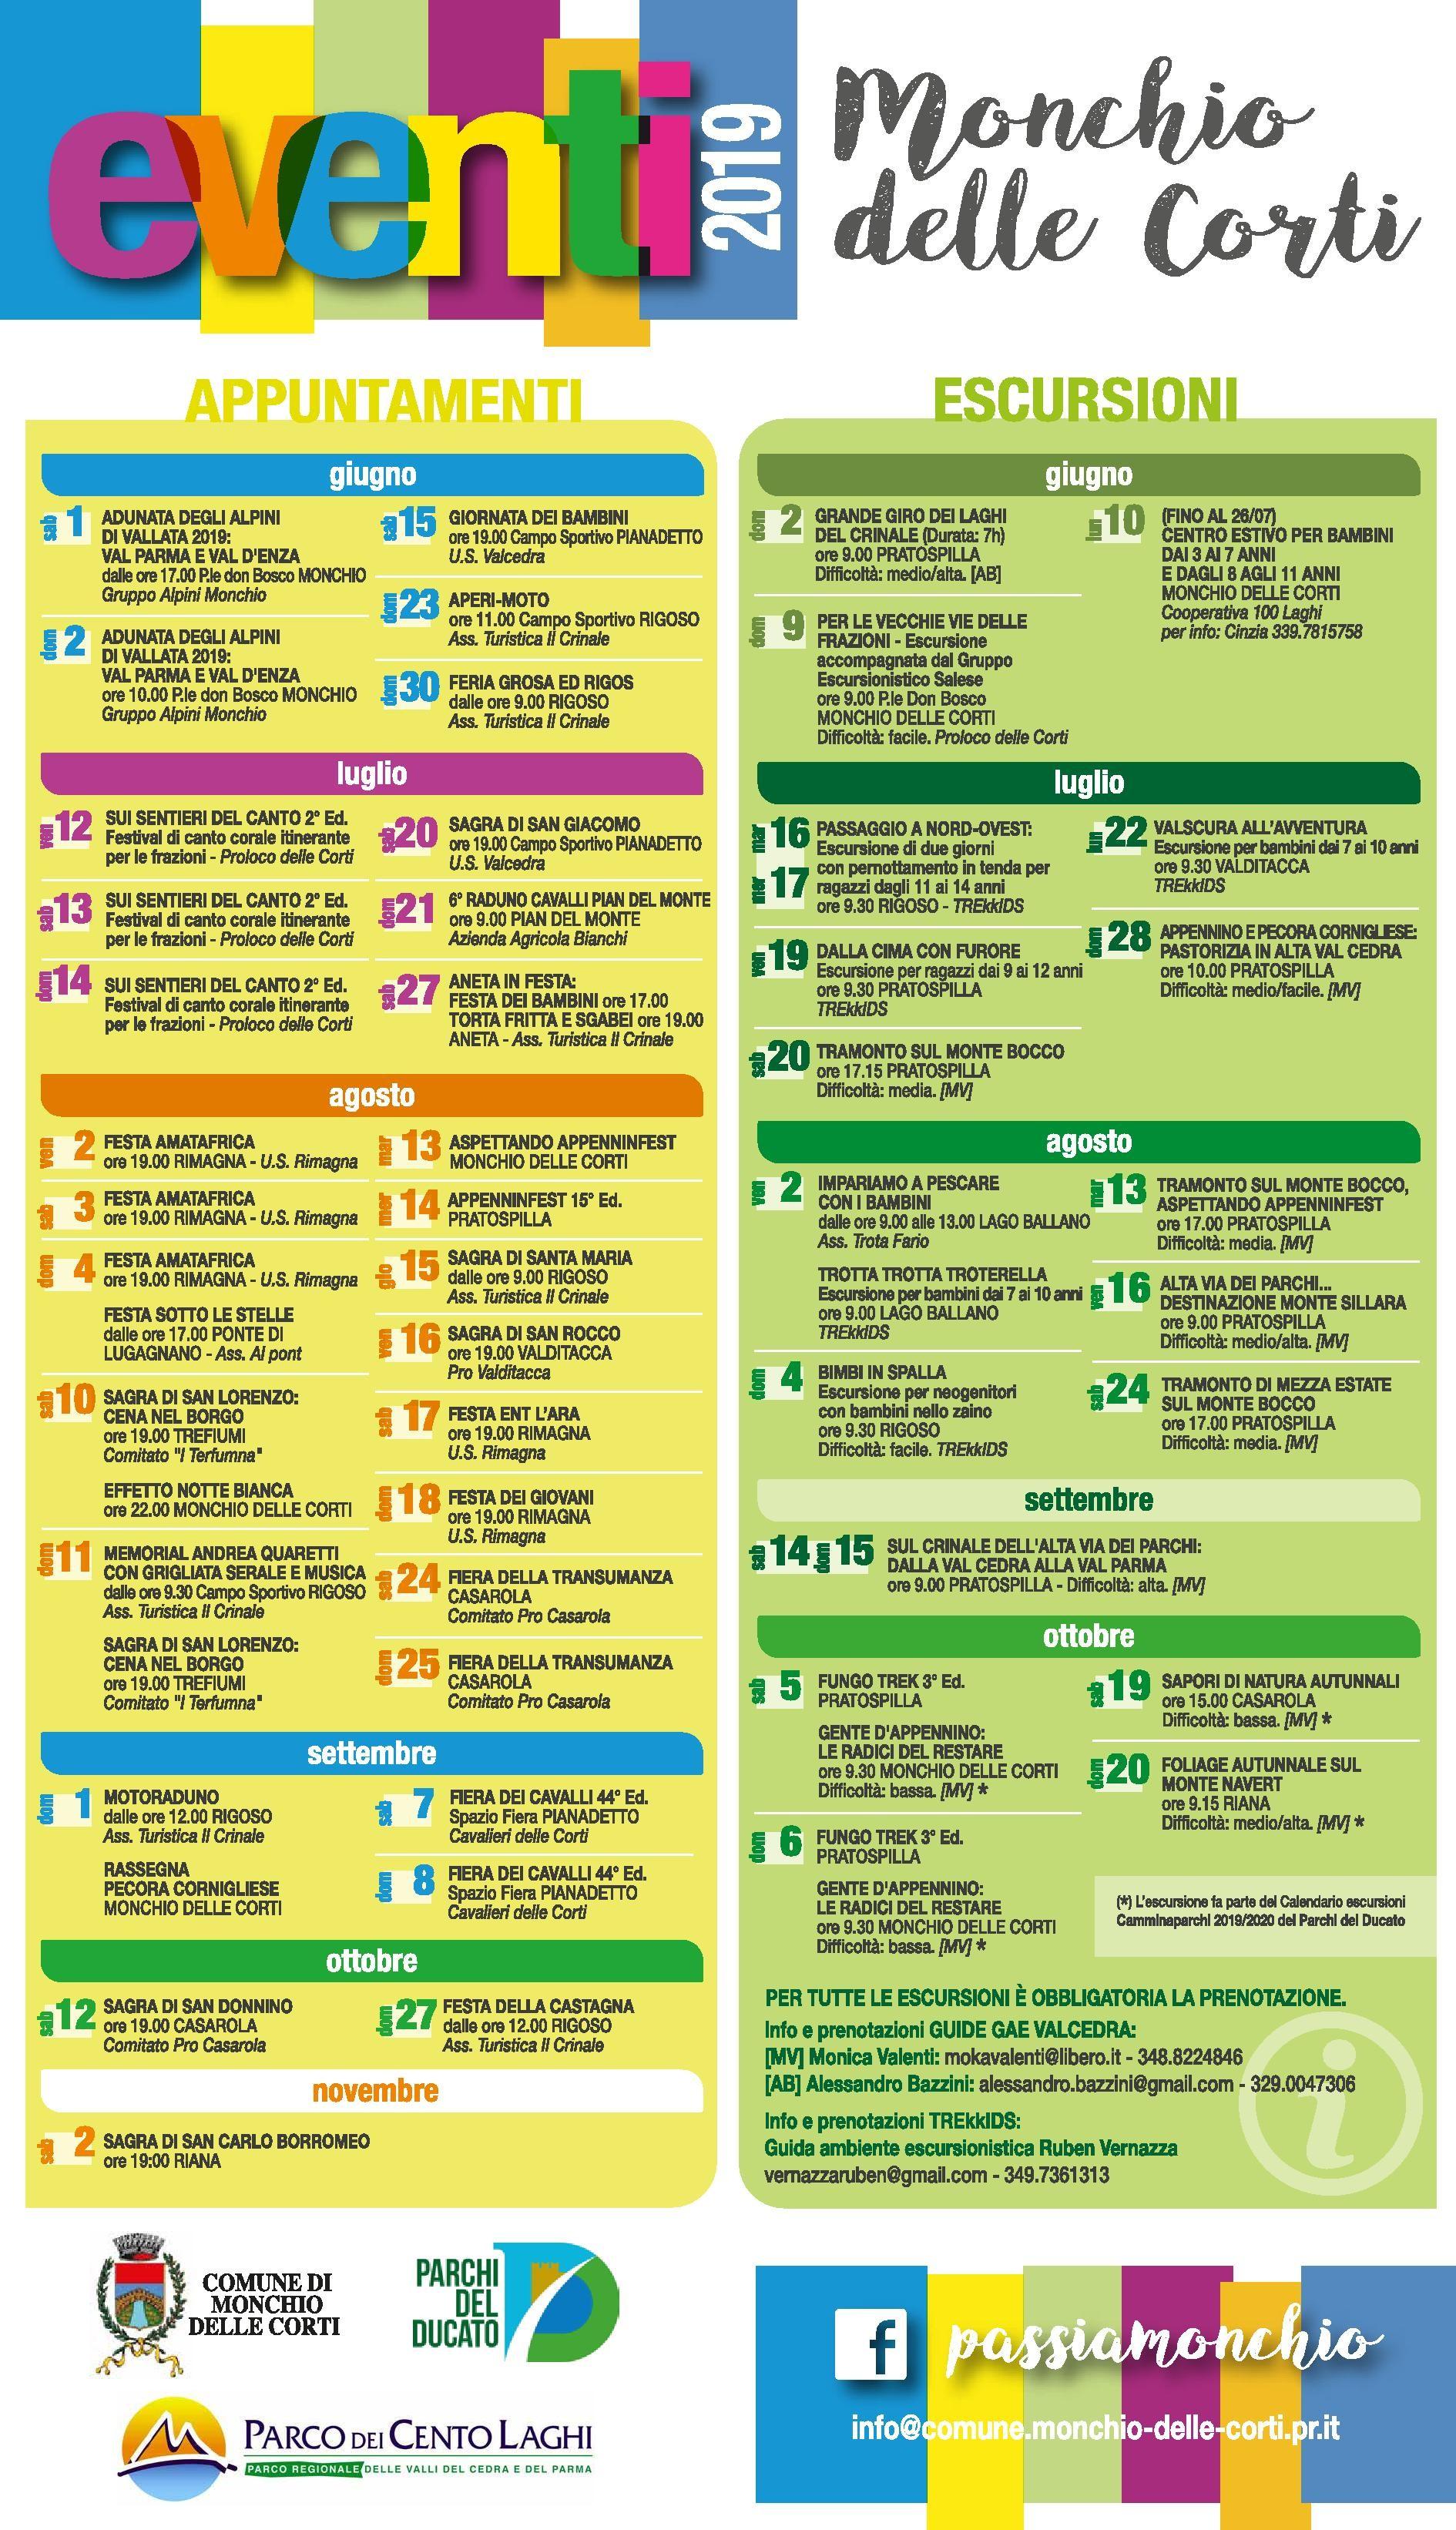 Calendario Fiere Agricole 2020.Eventi Anno 2019 A Monchio Delle Corti Nonsoloeventiparma